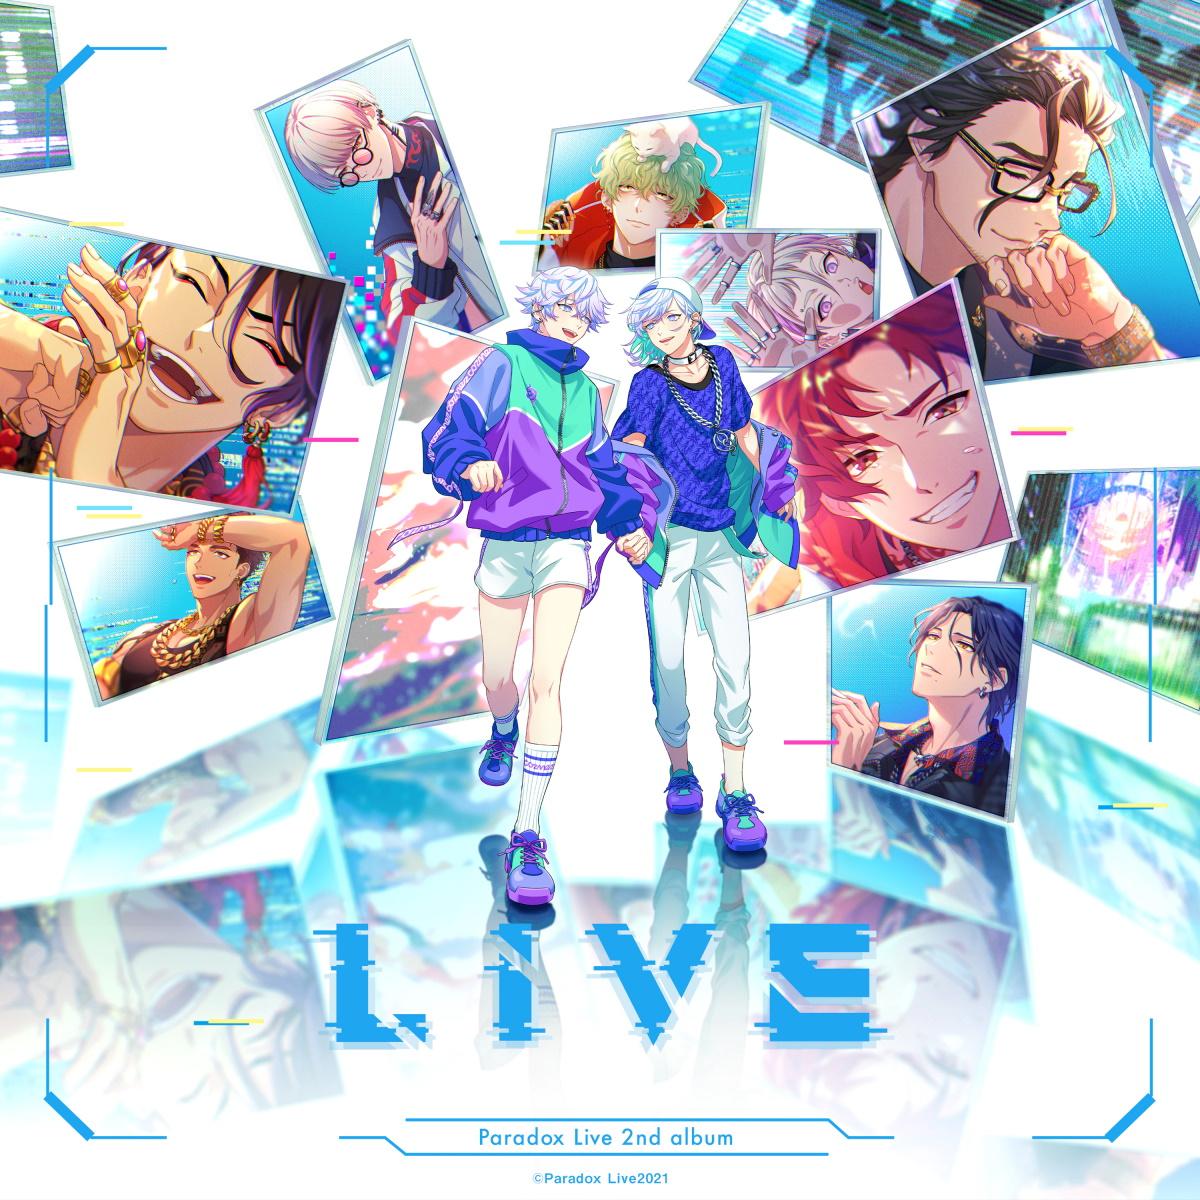 『武雷管 - BURAIKAN is Back』収録の『Paradox Live 2nd album